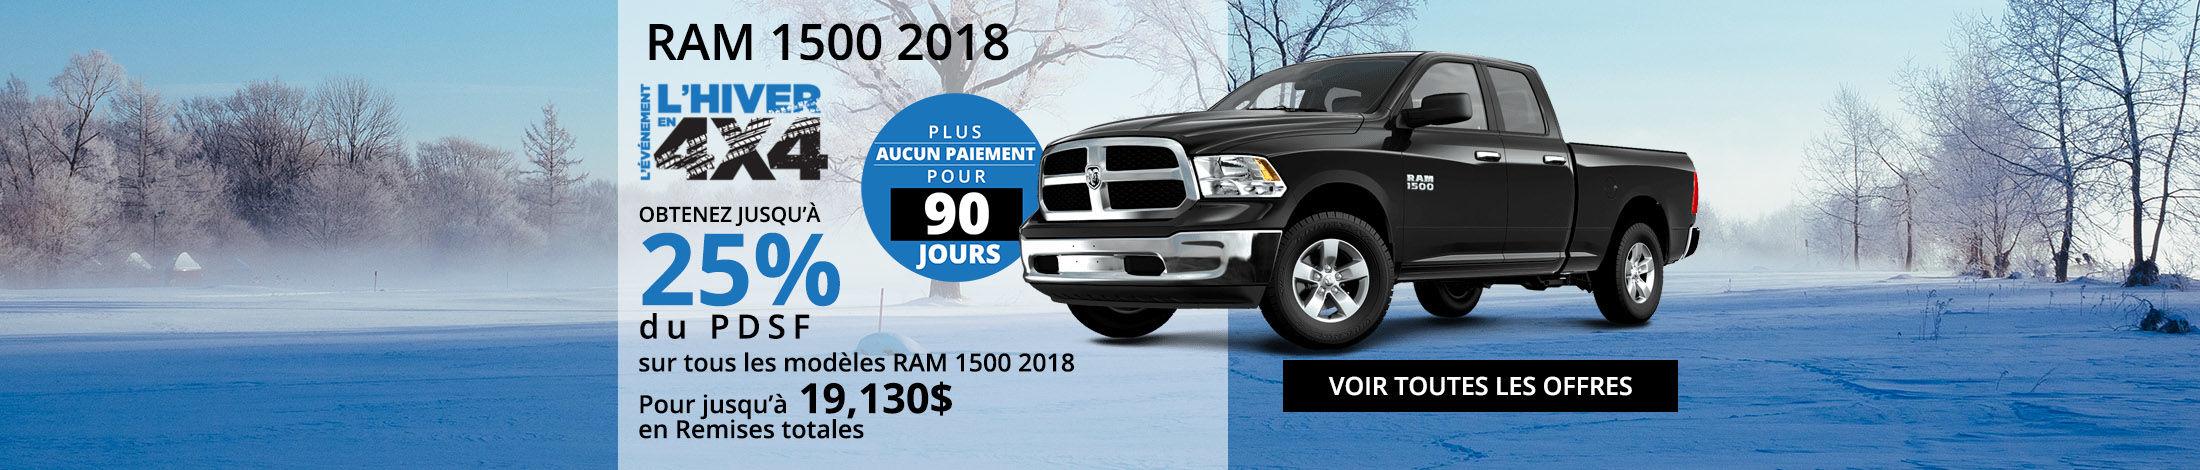 Ram 1500 2018 offre